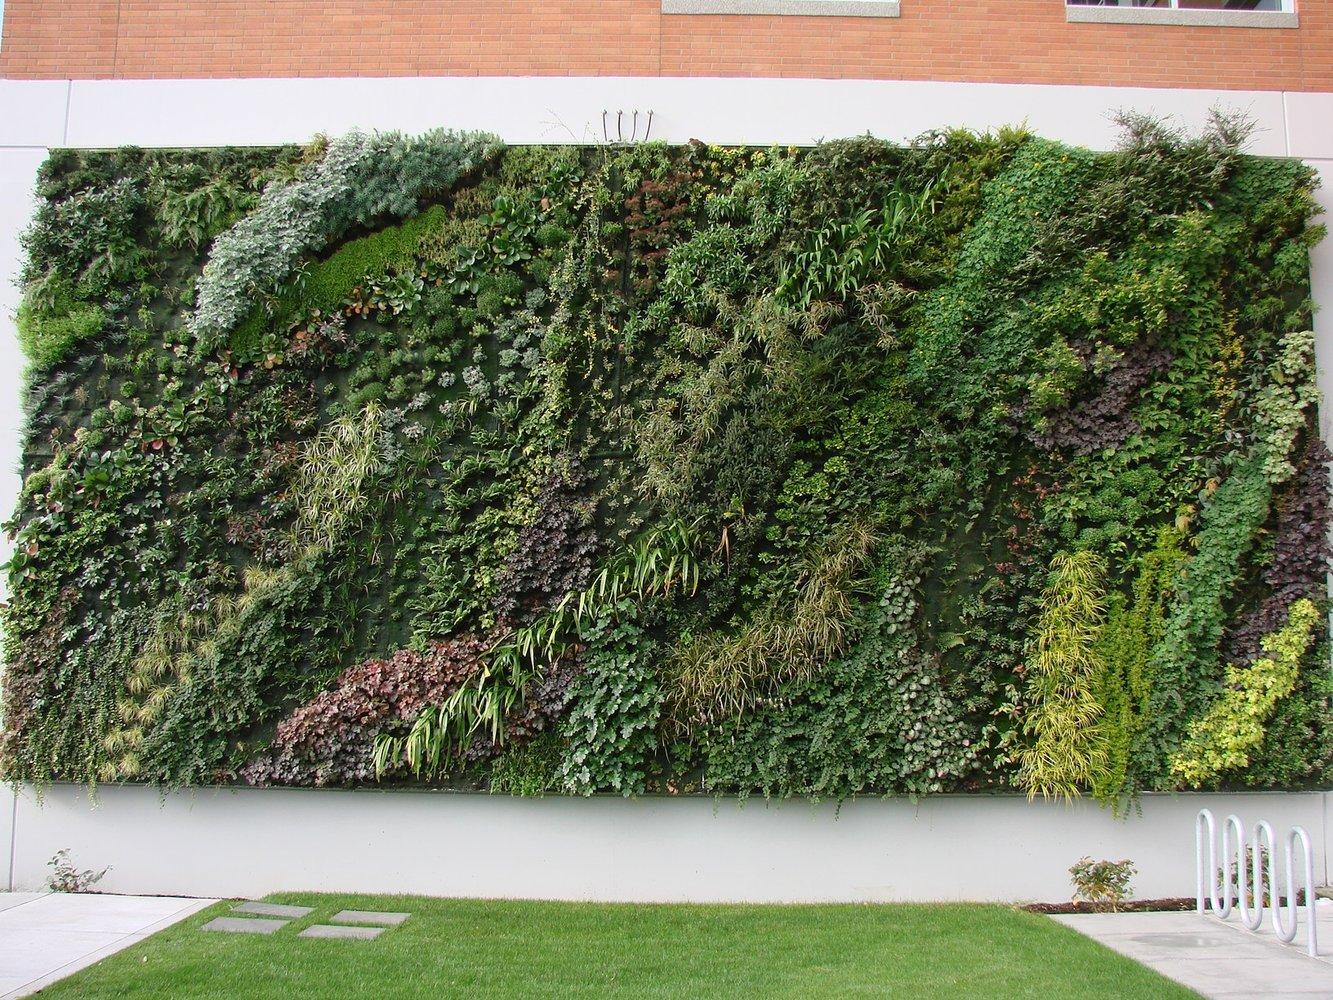 Tacoma goodwill mur vegetal patrick blanc for Comment faire un mur vegetal